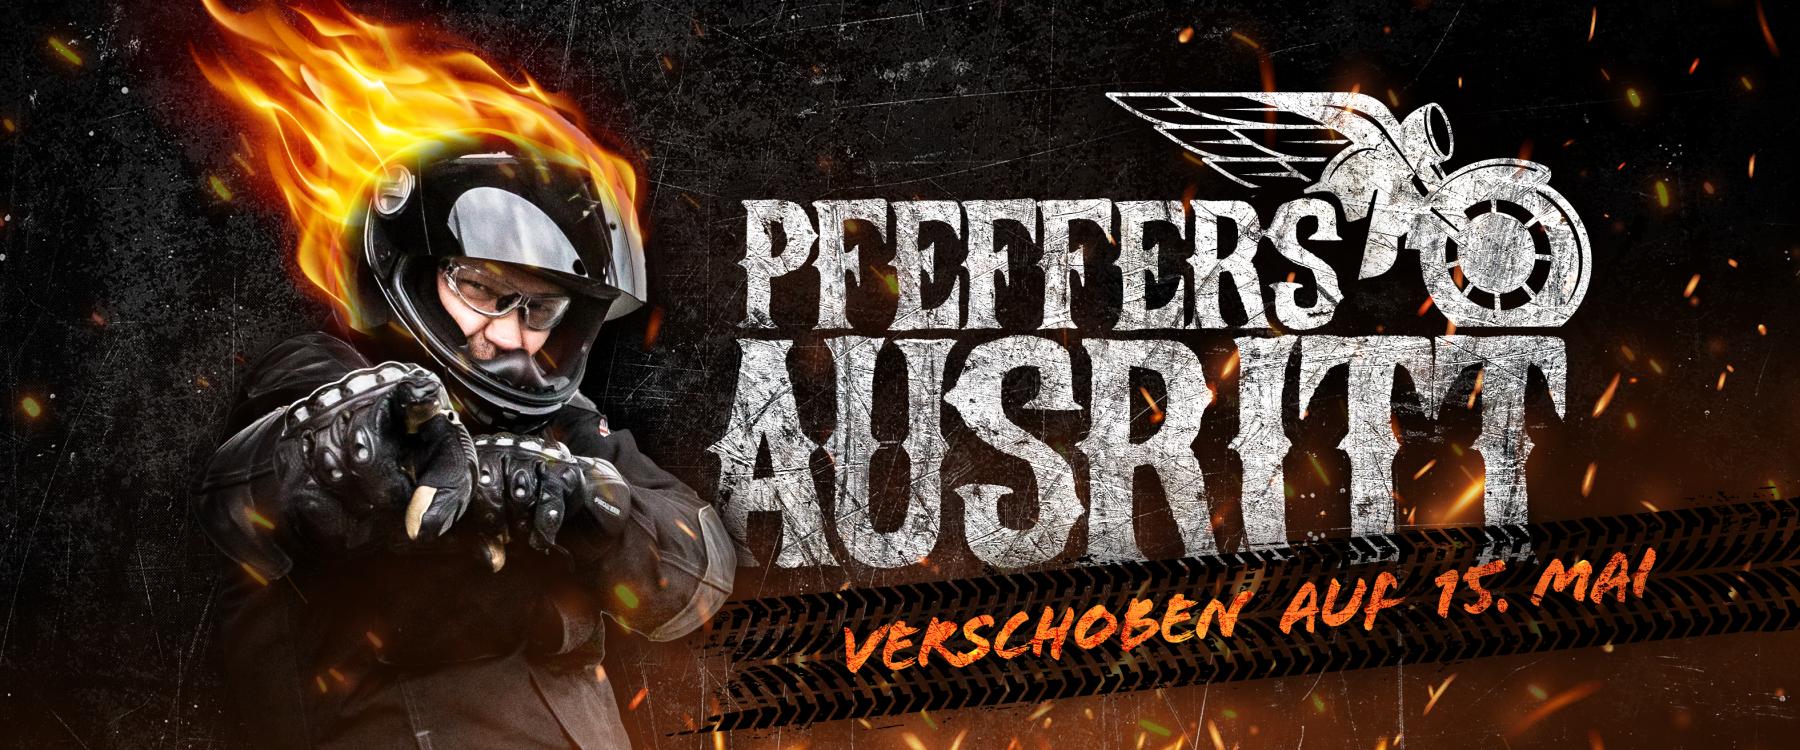 R2-PfeffersAusritt-Verschoben-Titel.png